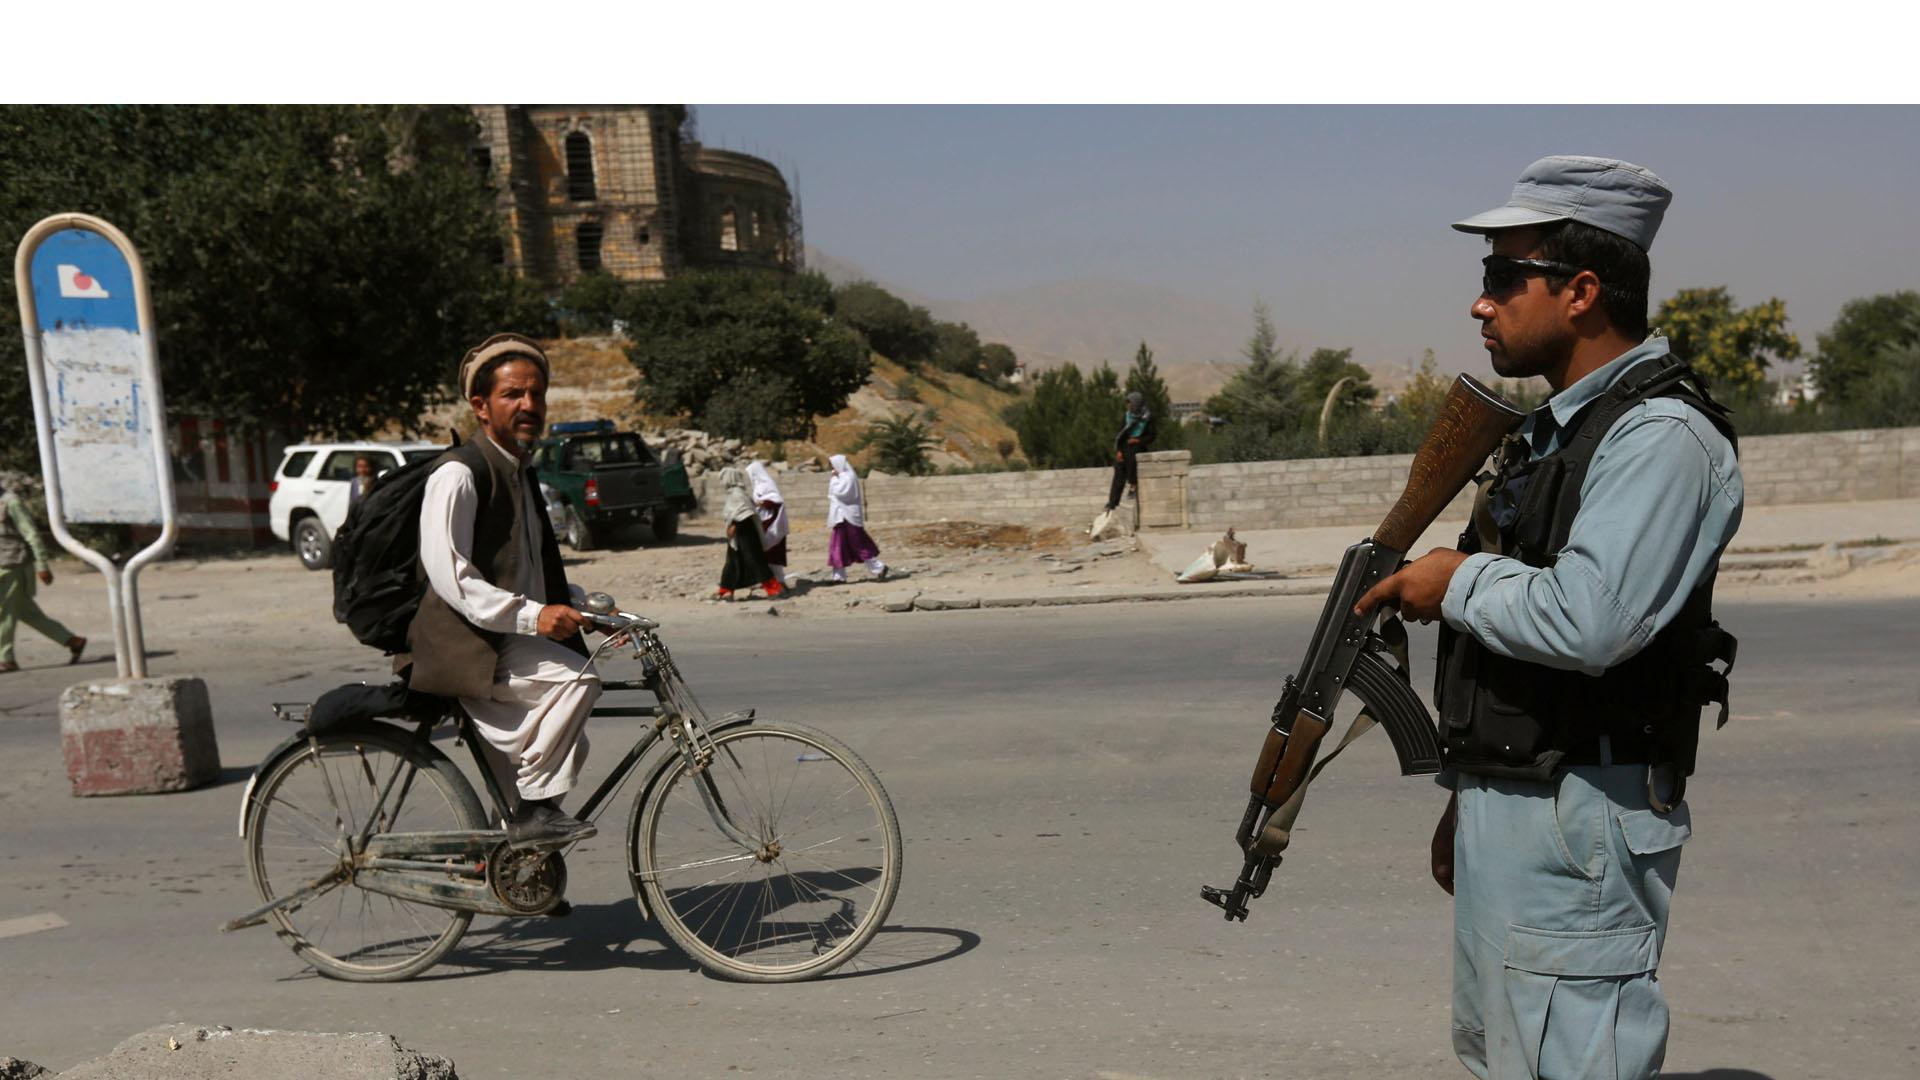 La Policía de Afganistán está investigando los hechos para dar con el paradero de un estadounidense y un australiano